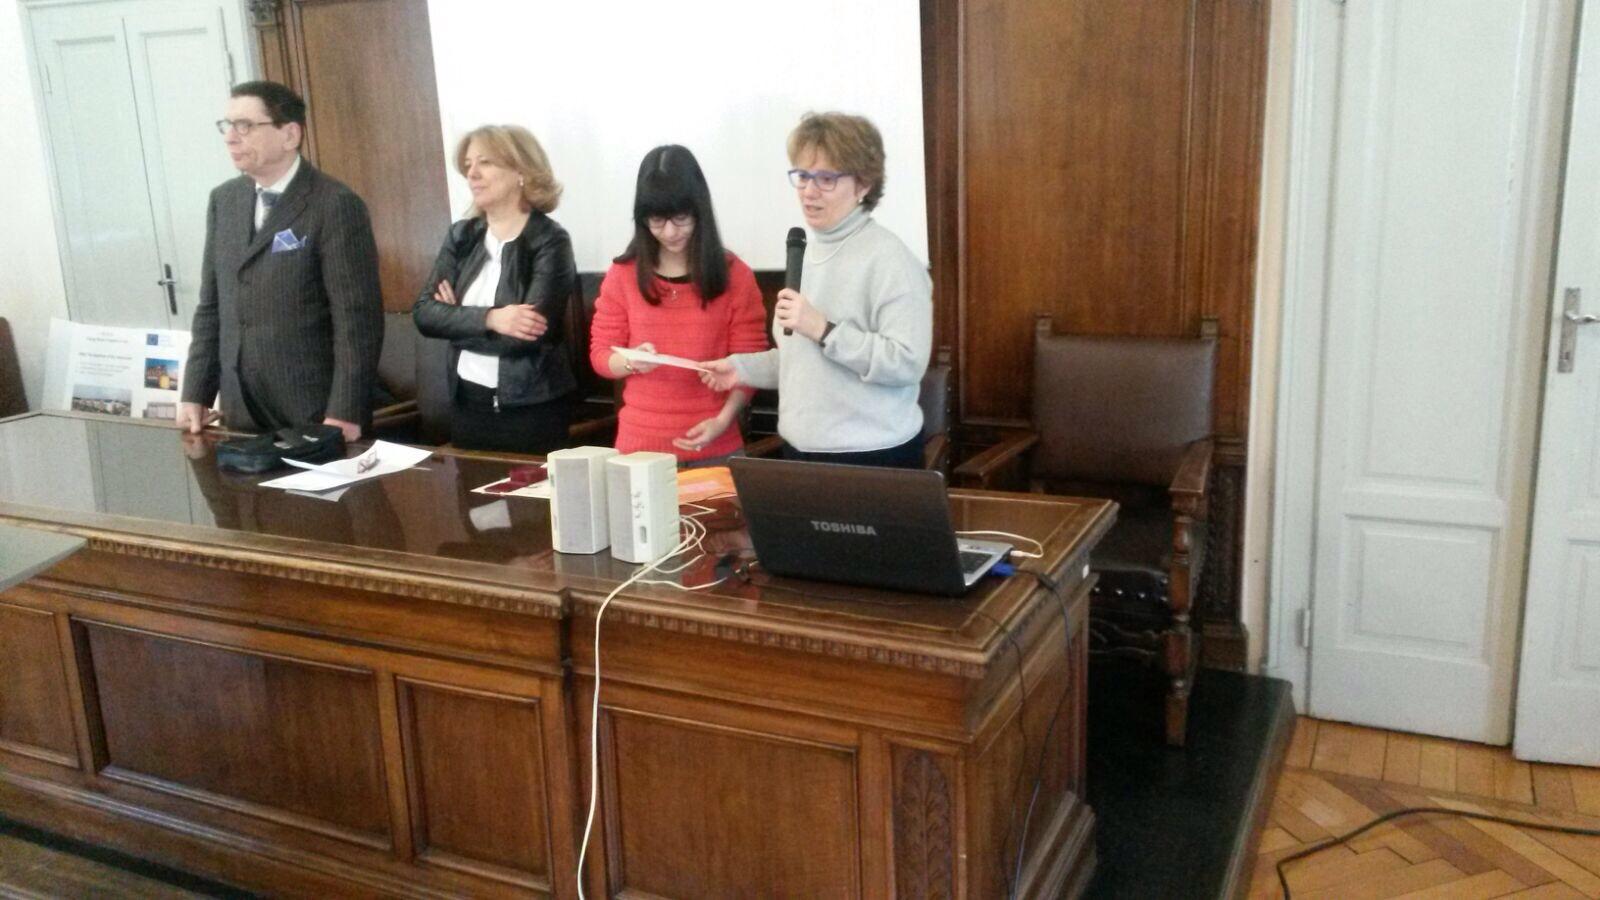 La vice presidente del Premio alla Bontà consegna il premio a Carola Atzen.